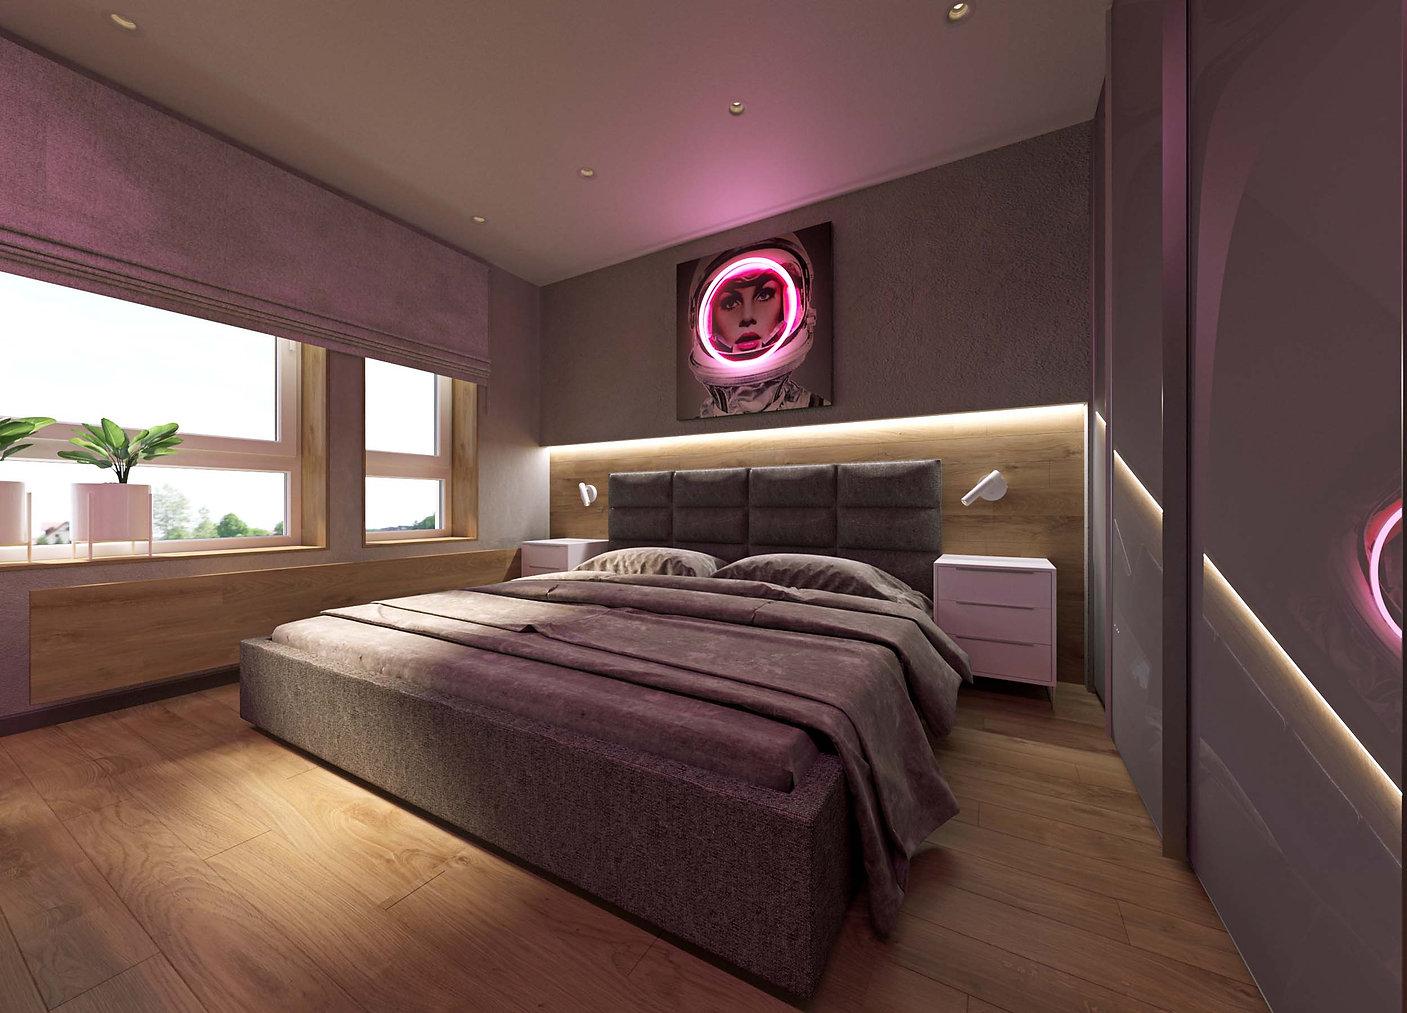 СпальняРакурс1.jpg